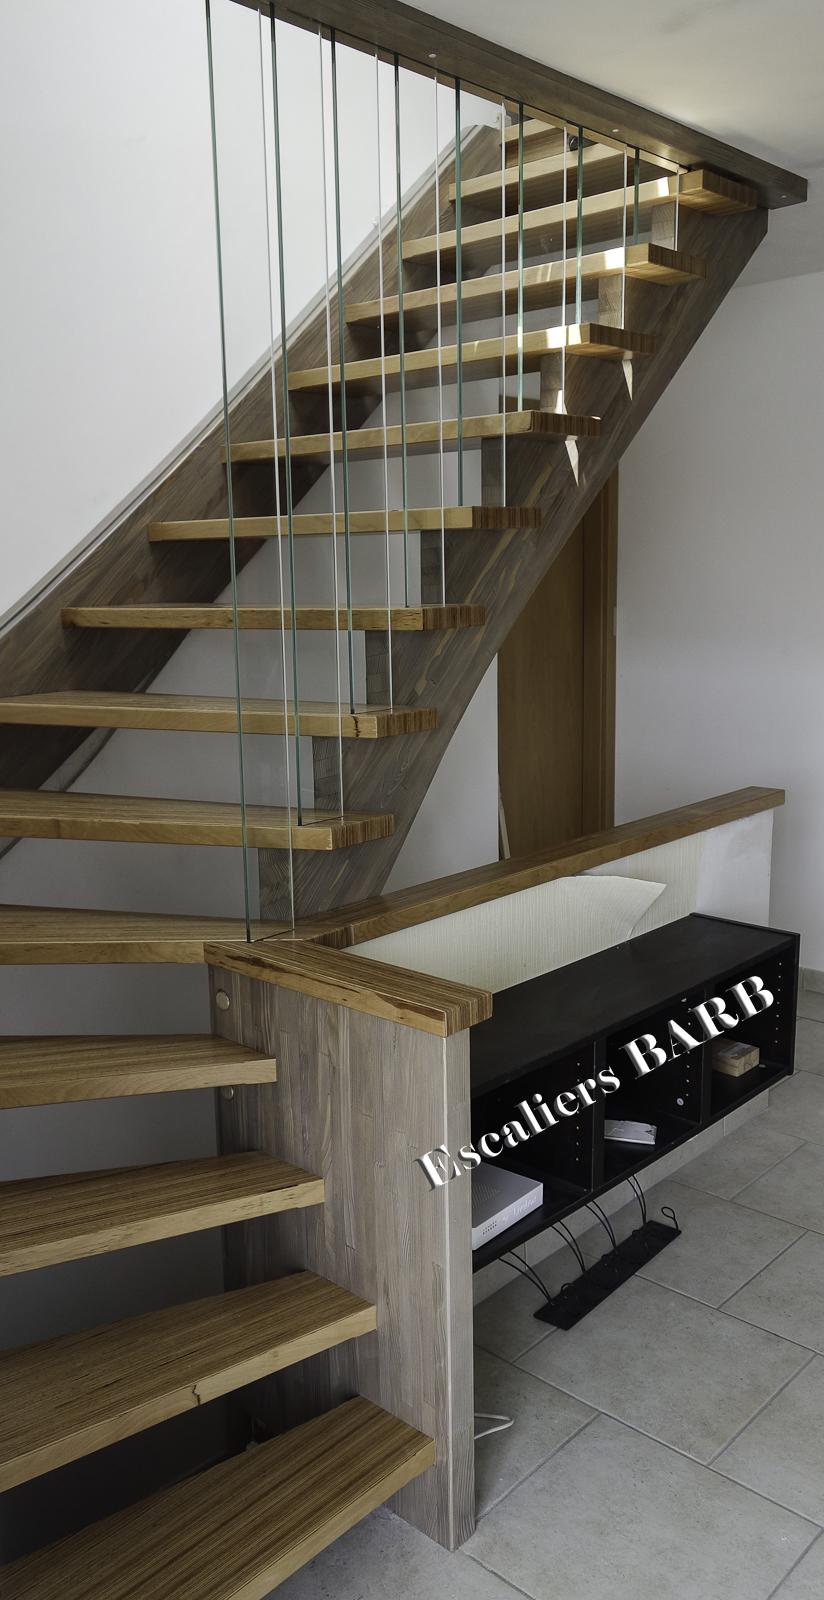 Accueil - Escaliers BARB - Escaliers Barb Escaliers Barb %